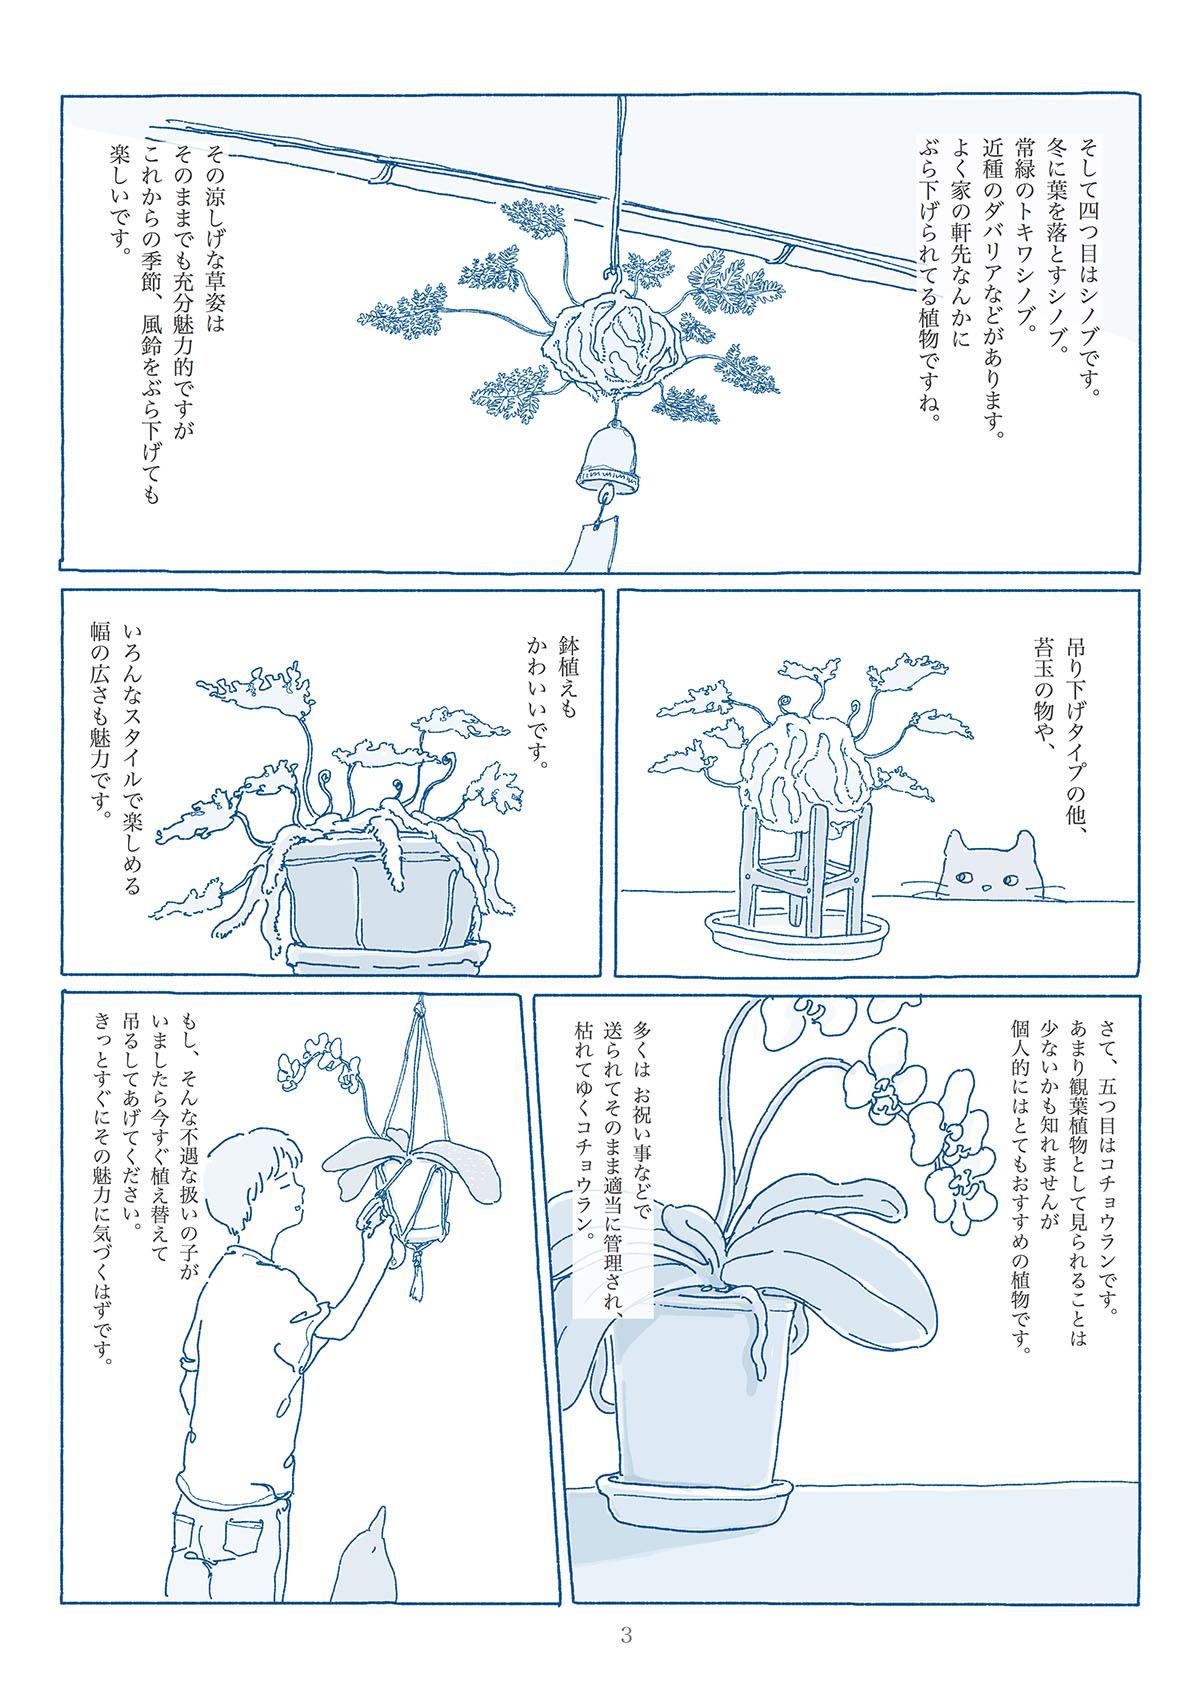 お気に入りの観葉植物の漫画3ページ目